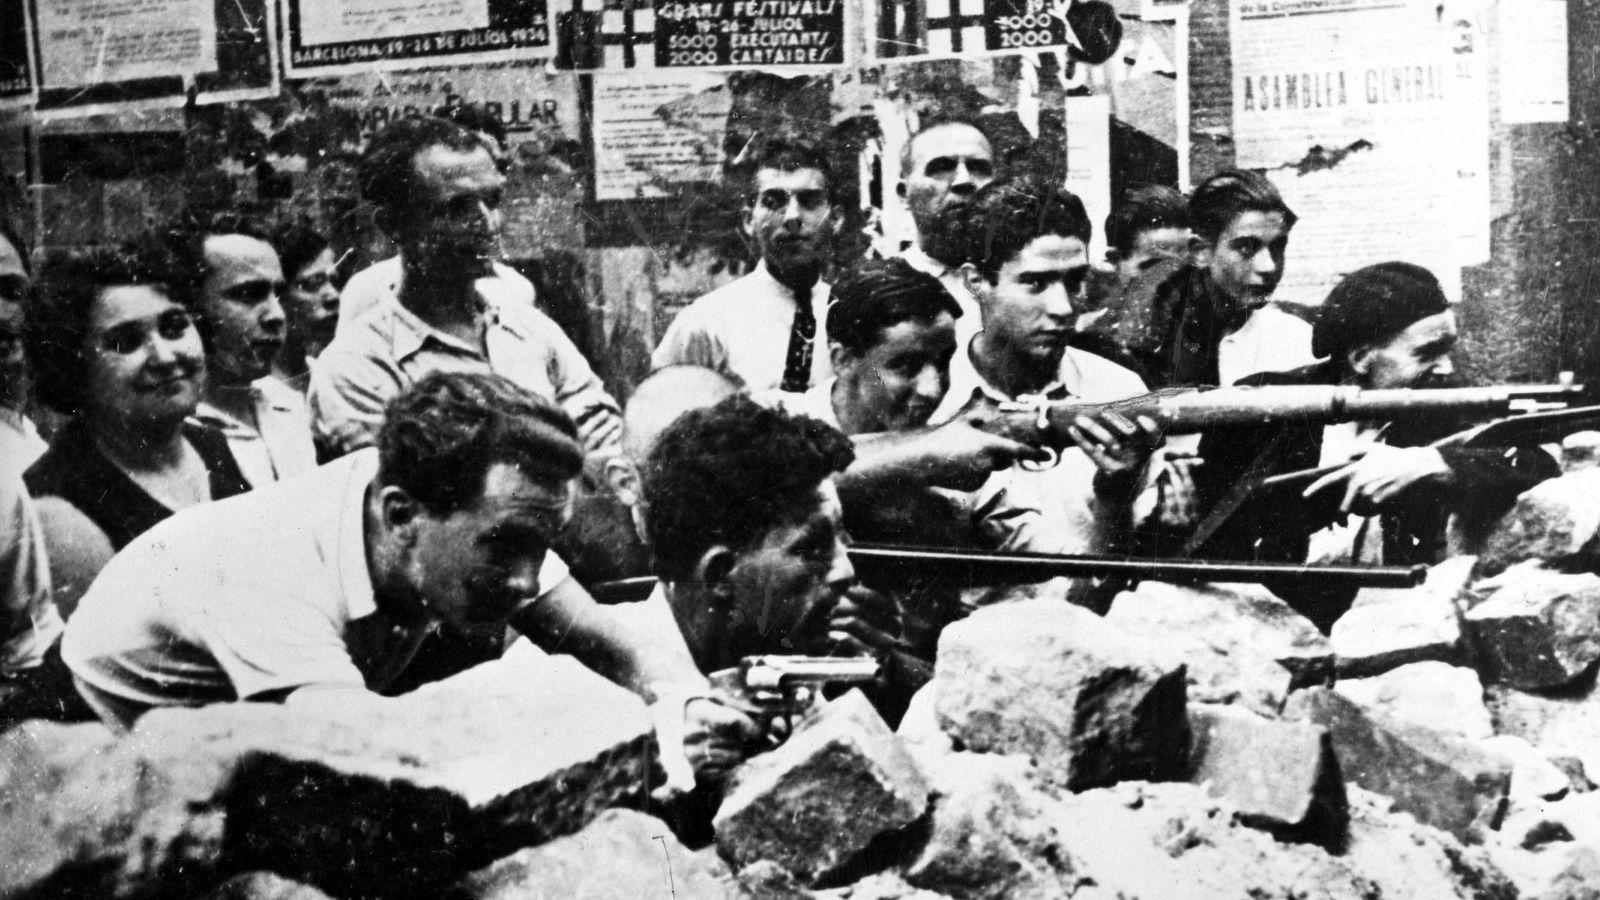 Se Los HistoriaEl De Guerra La En Otro Lado Vivía CivilAsí O8wPX0kn